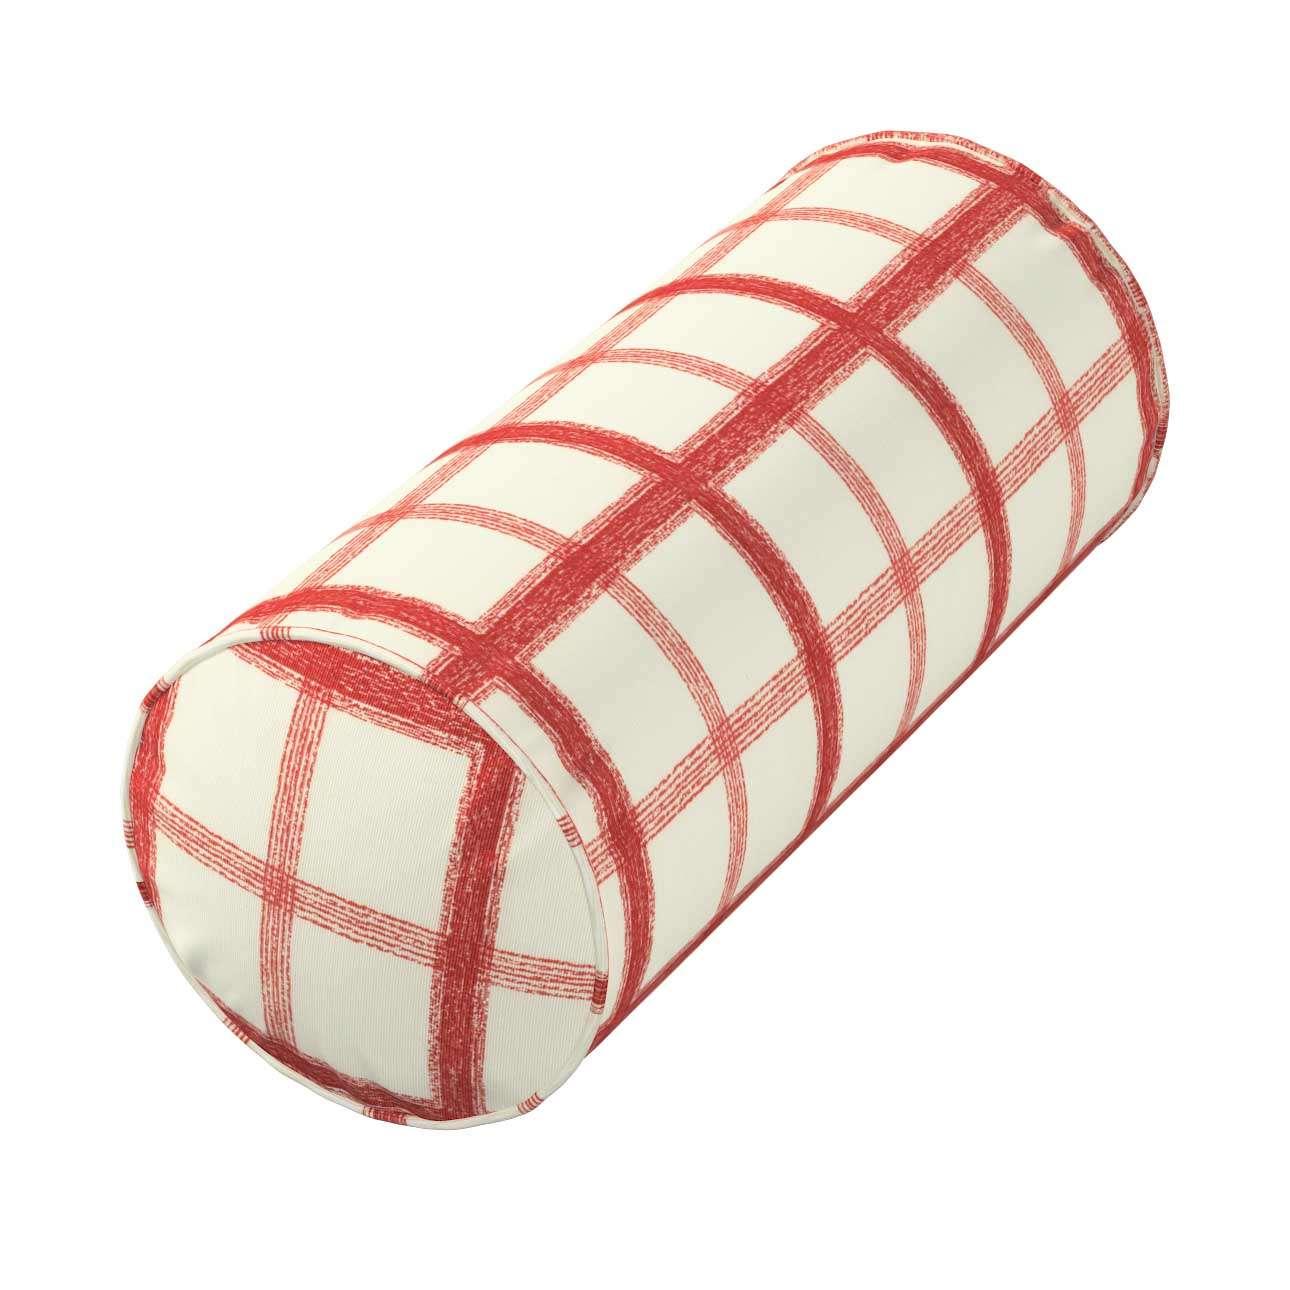 Ektorp pagalvėlė Ektorp pagalvėlė kolekcijoje Avinon, audinys: 131-15